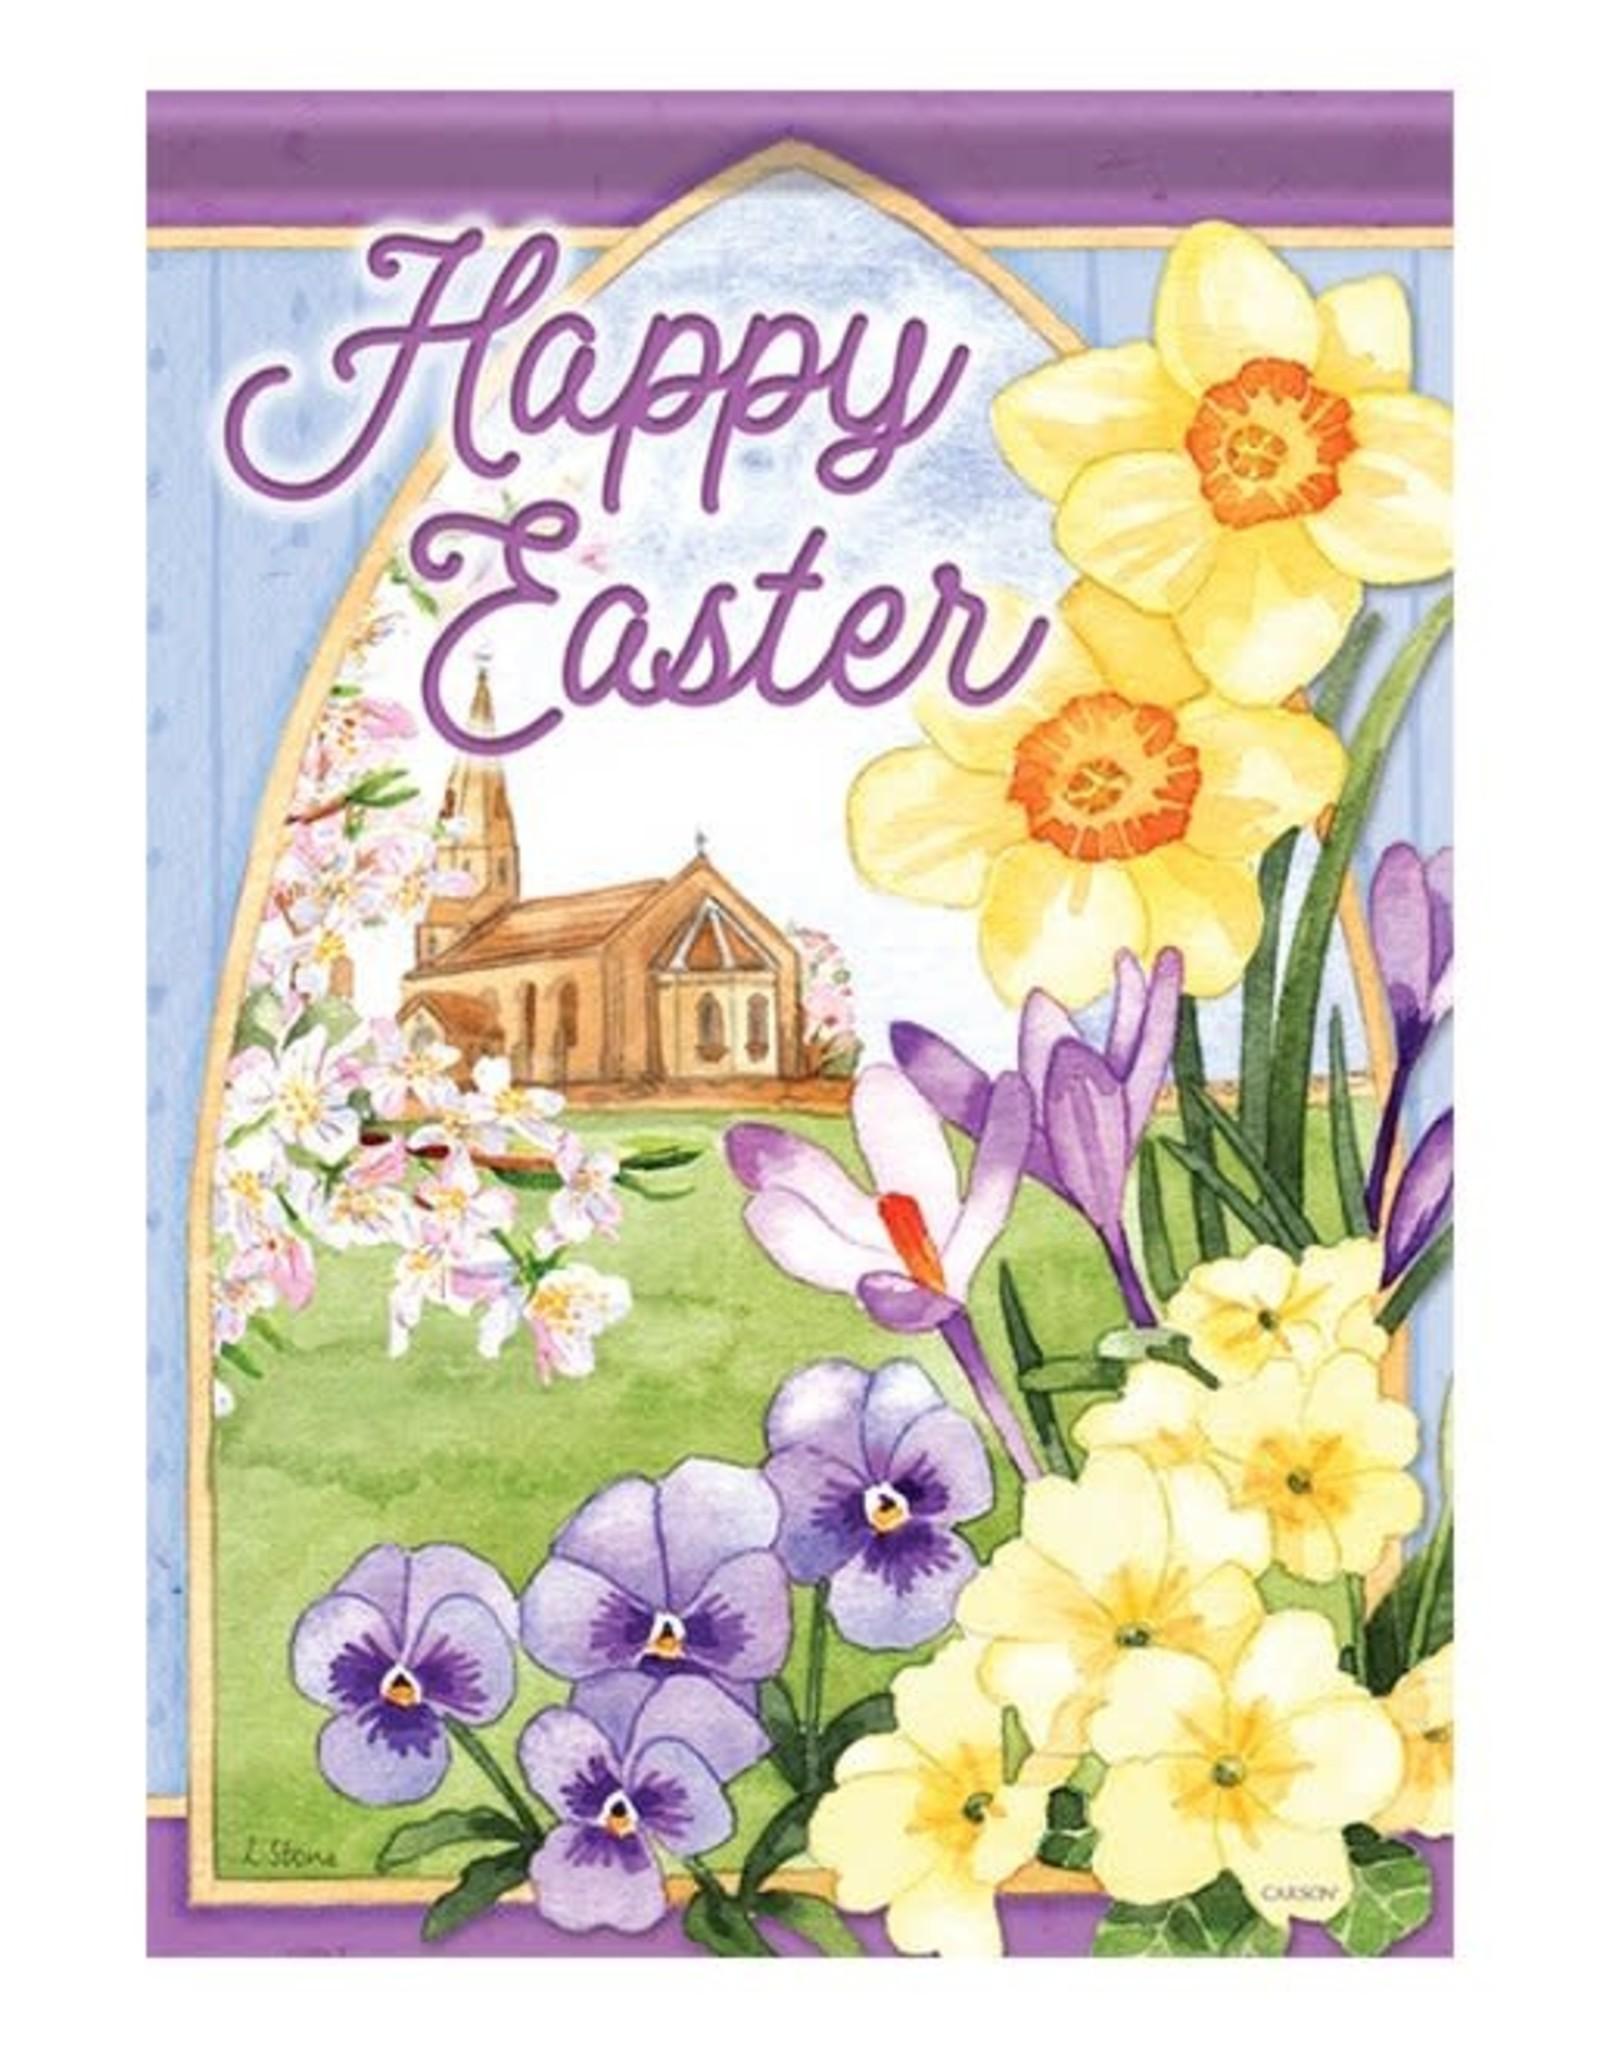 Carson C Easter Morning